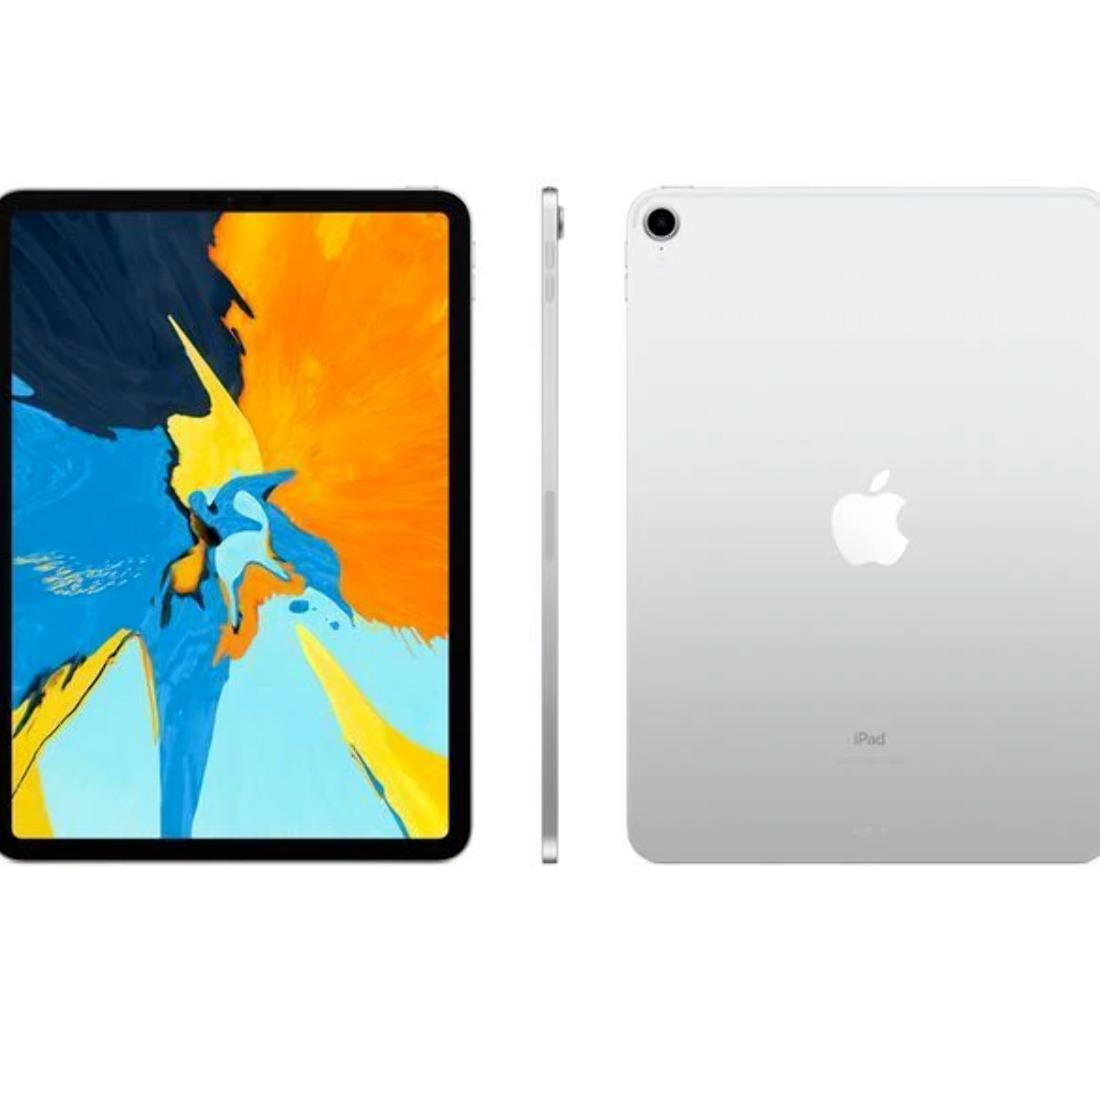 Apple iPad Pro 11带 Wi-Fi 256GB 多款颜色可选